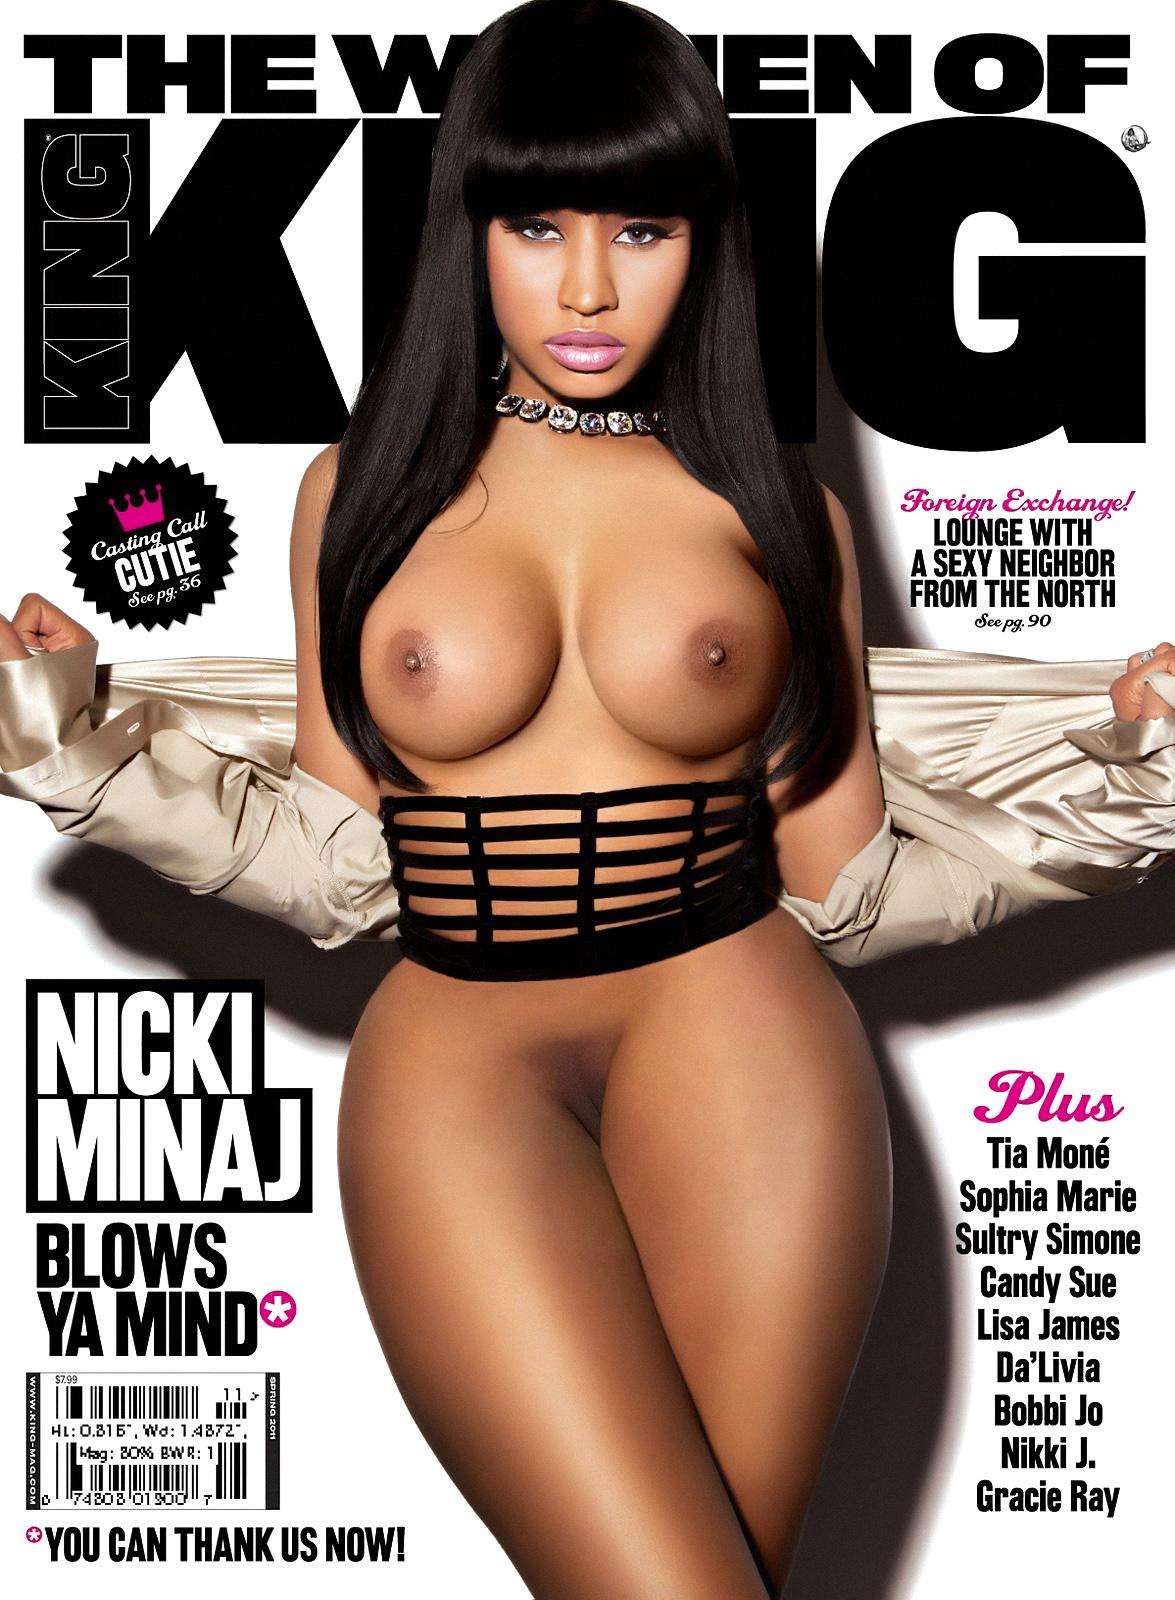 http://4.bp.blogspot.com/-5vTwAb0iia0/UMoEqthck2I/AAAAAAAAFIw/LJIUcEZ8RyQ/s1600/517327172_RS_Nicki_Minaj_King_CO_b_123_125lo.jpg